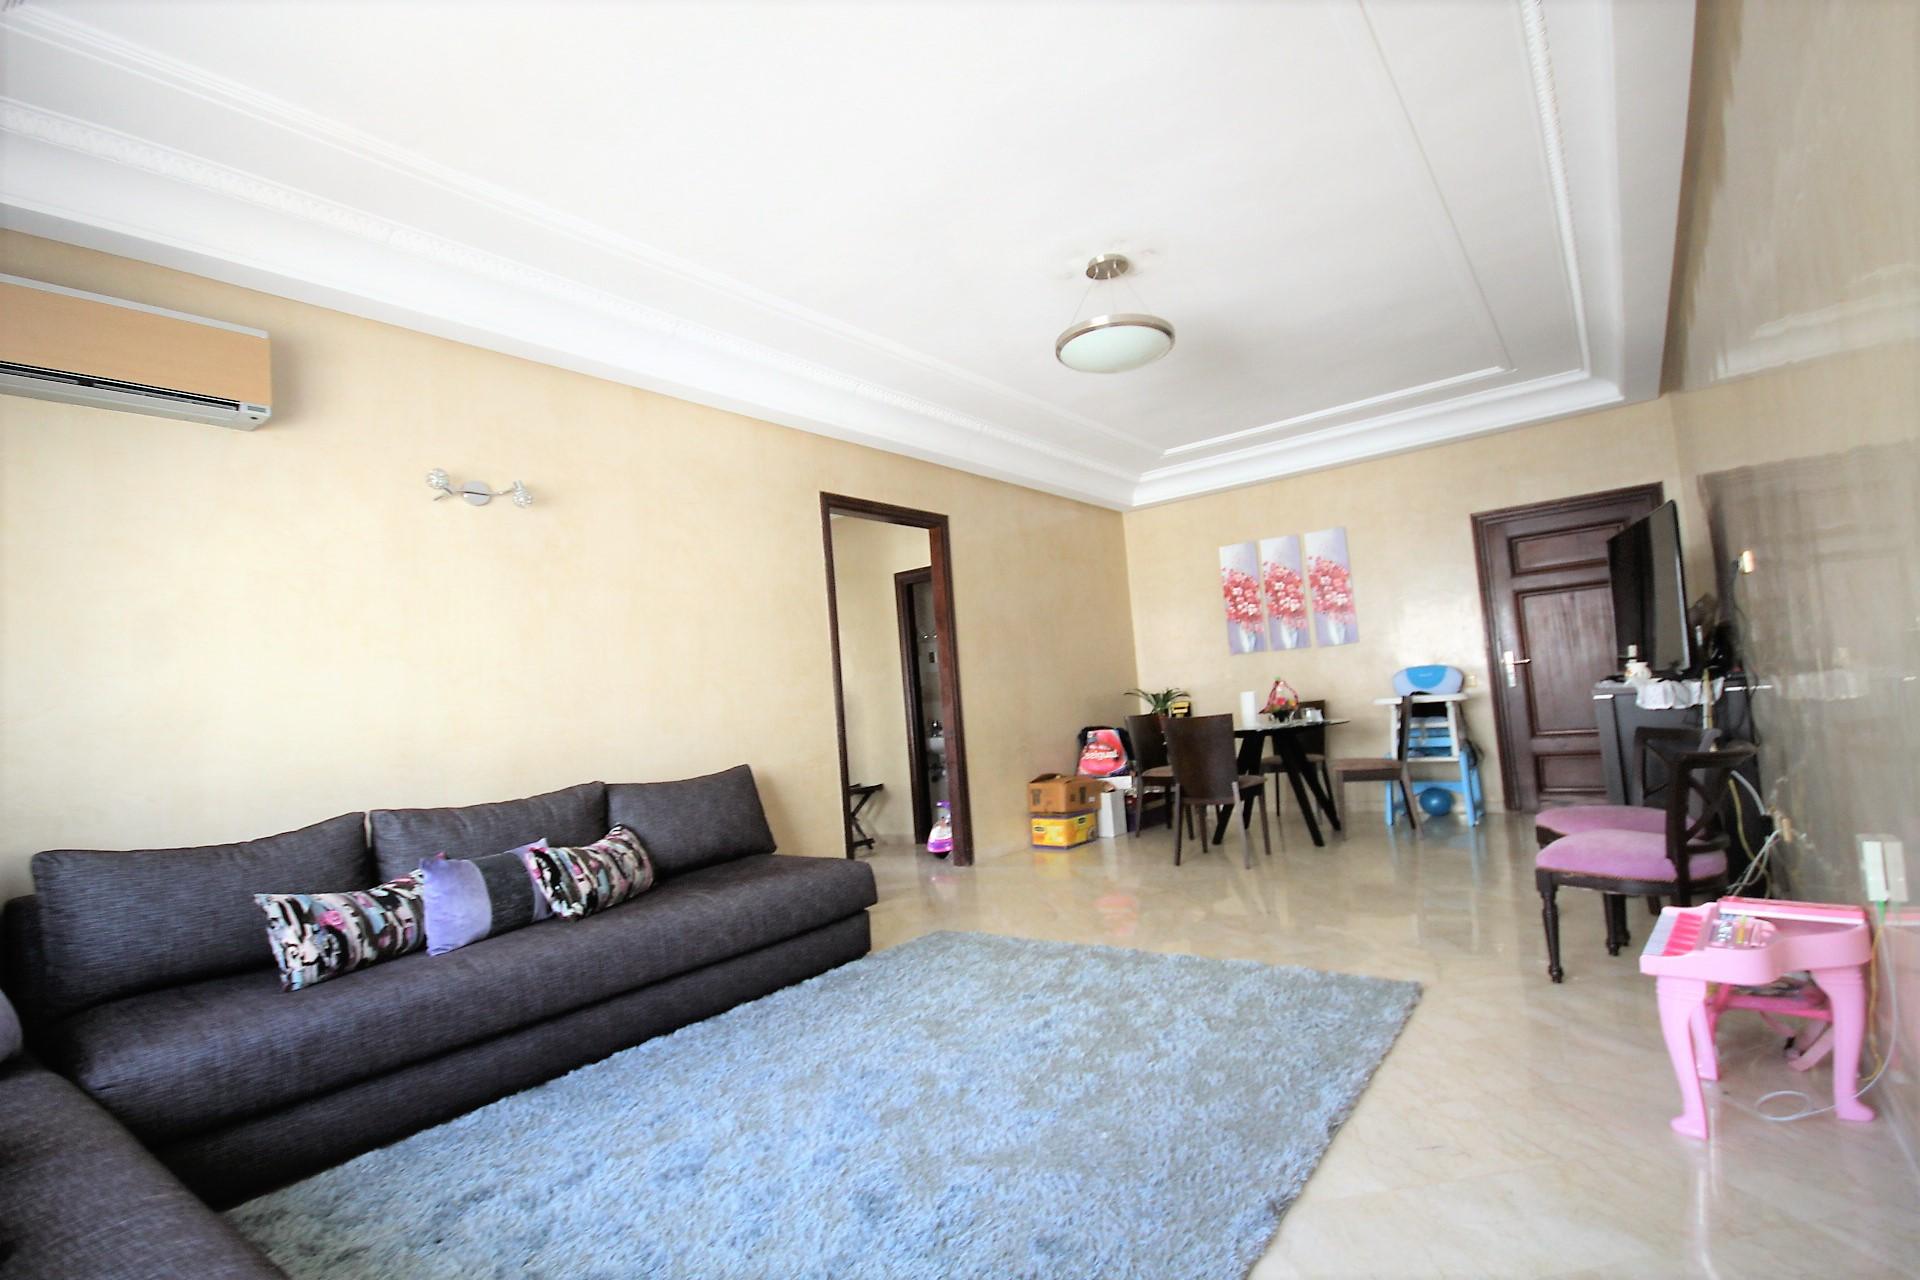 Maroc, Casablanca Sud, (Jnane Californie) à acheter appartement type F3 avec terrasse en étage élevé très belle exposition